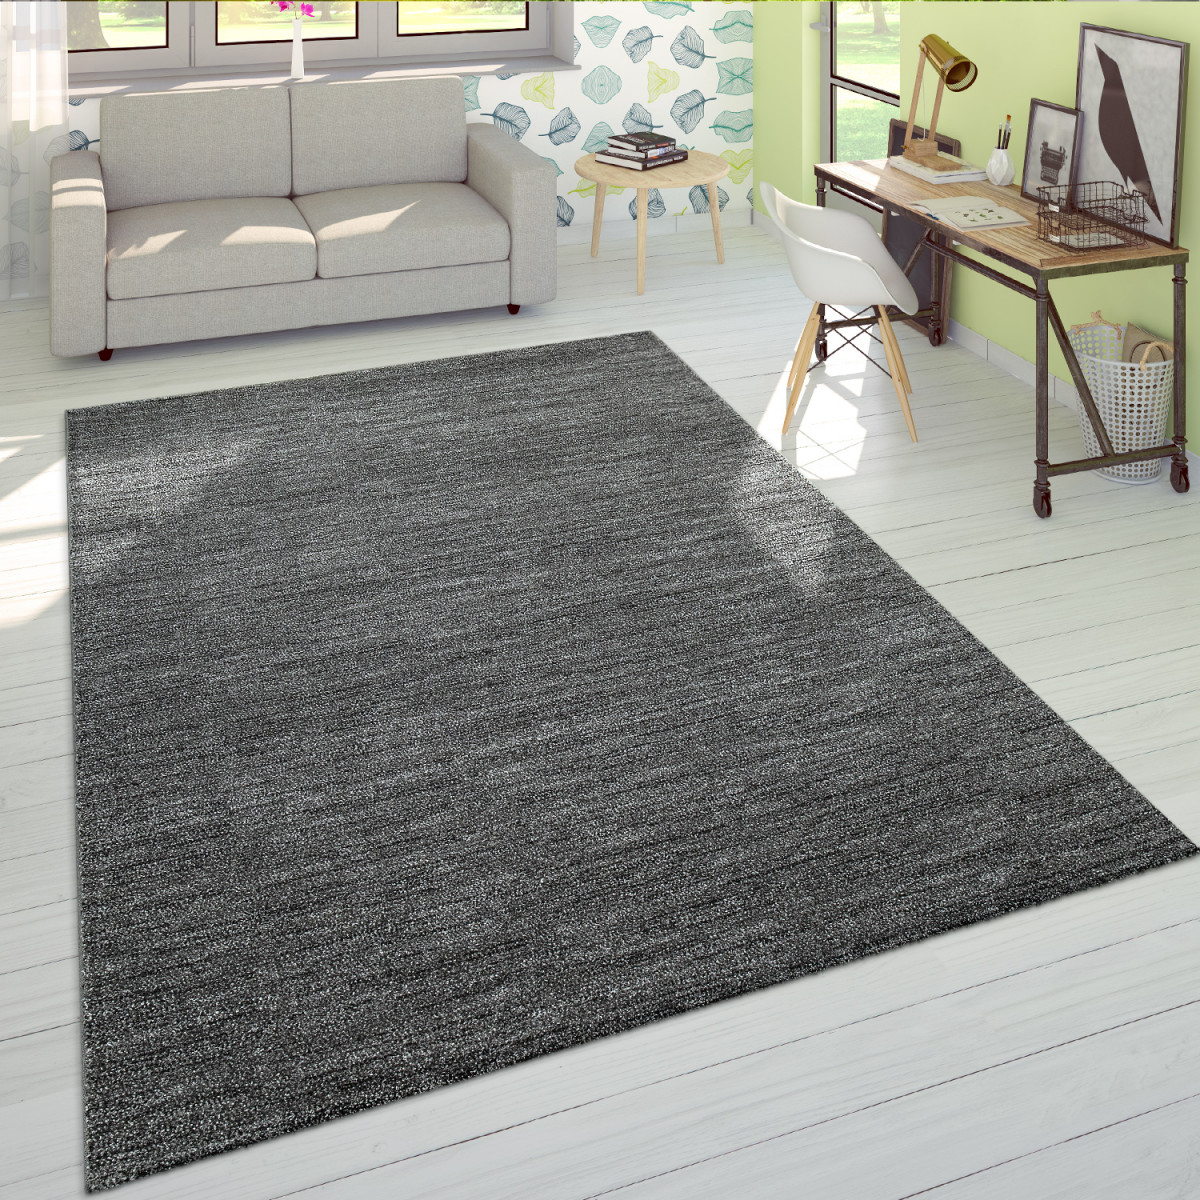 Wohnzimmerteppich Einfarbiger Kurzflor Mit Veloursgewebe In Meliertem  Grau von Wohnzimmer Teppich Kurzflor Photo